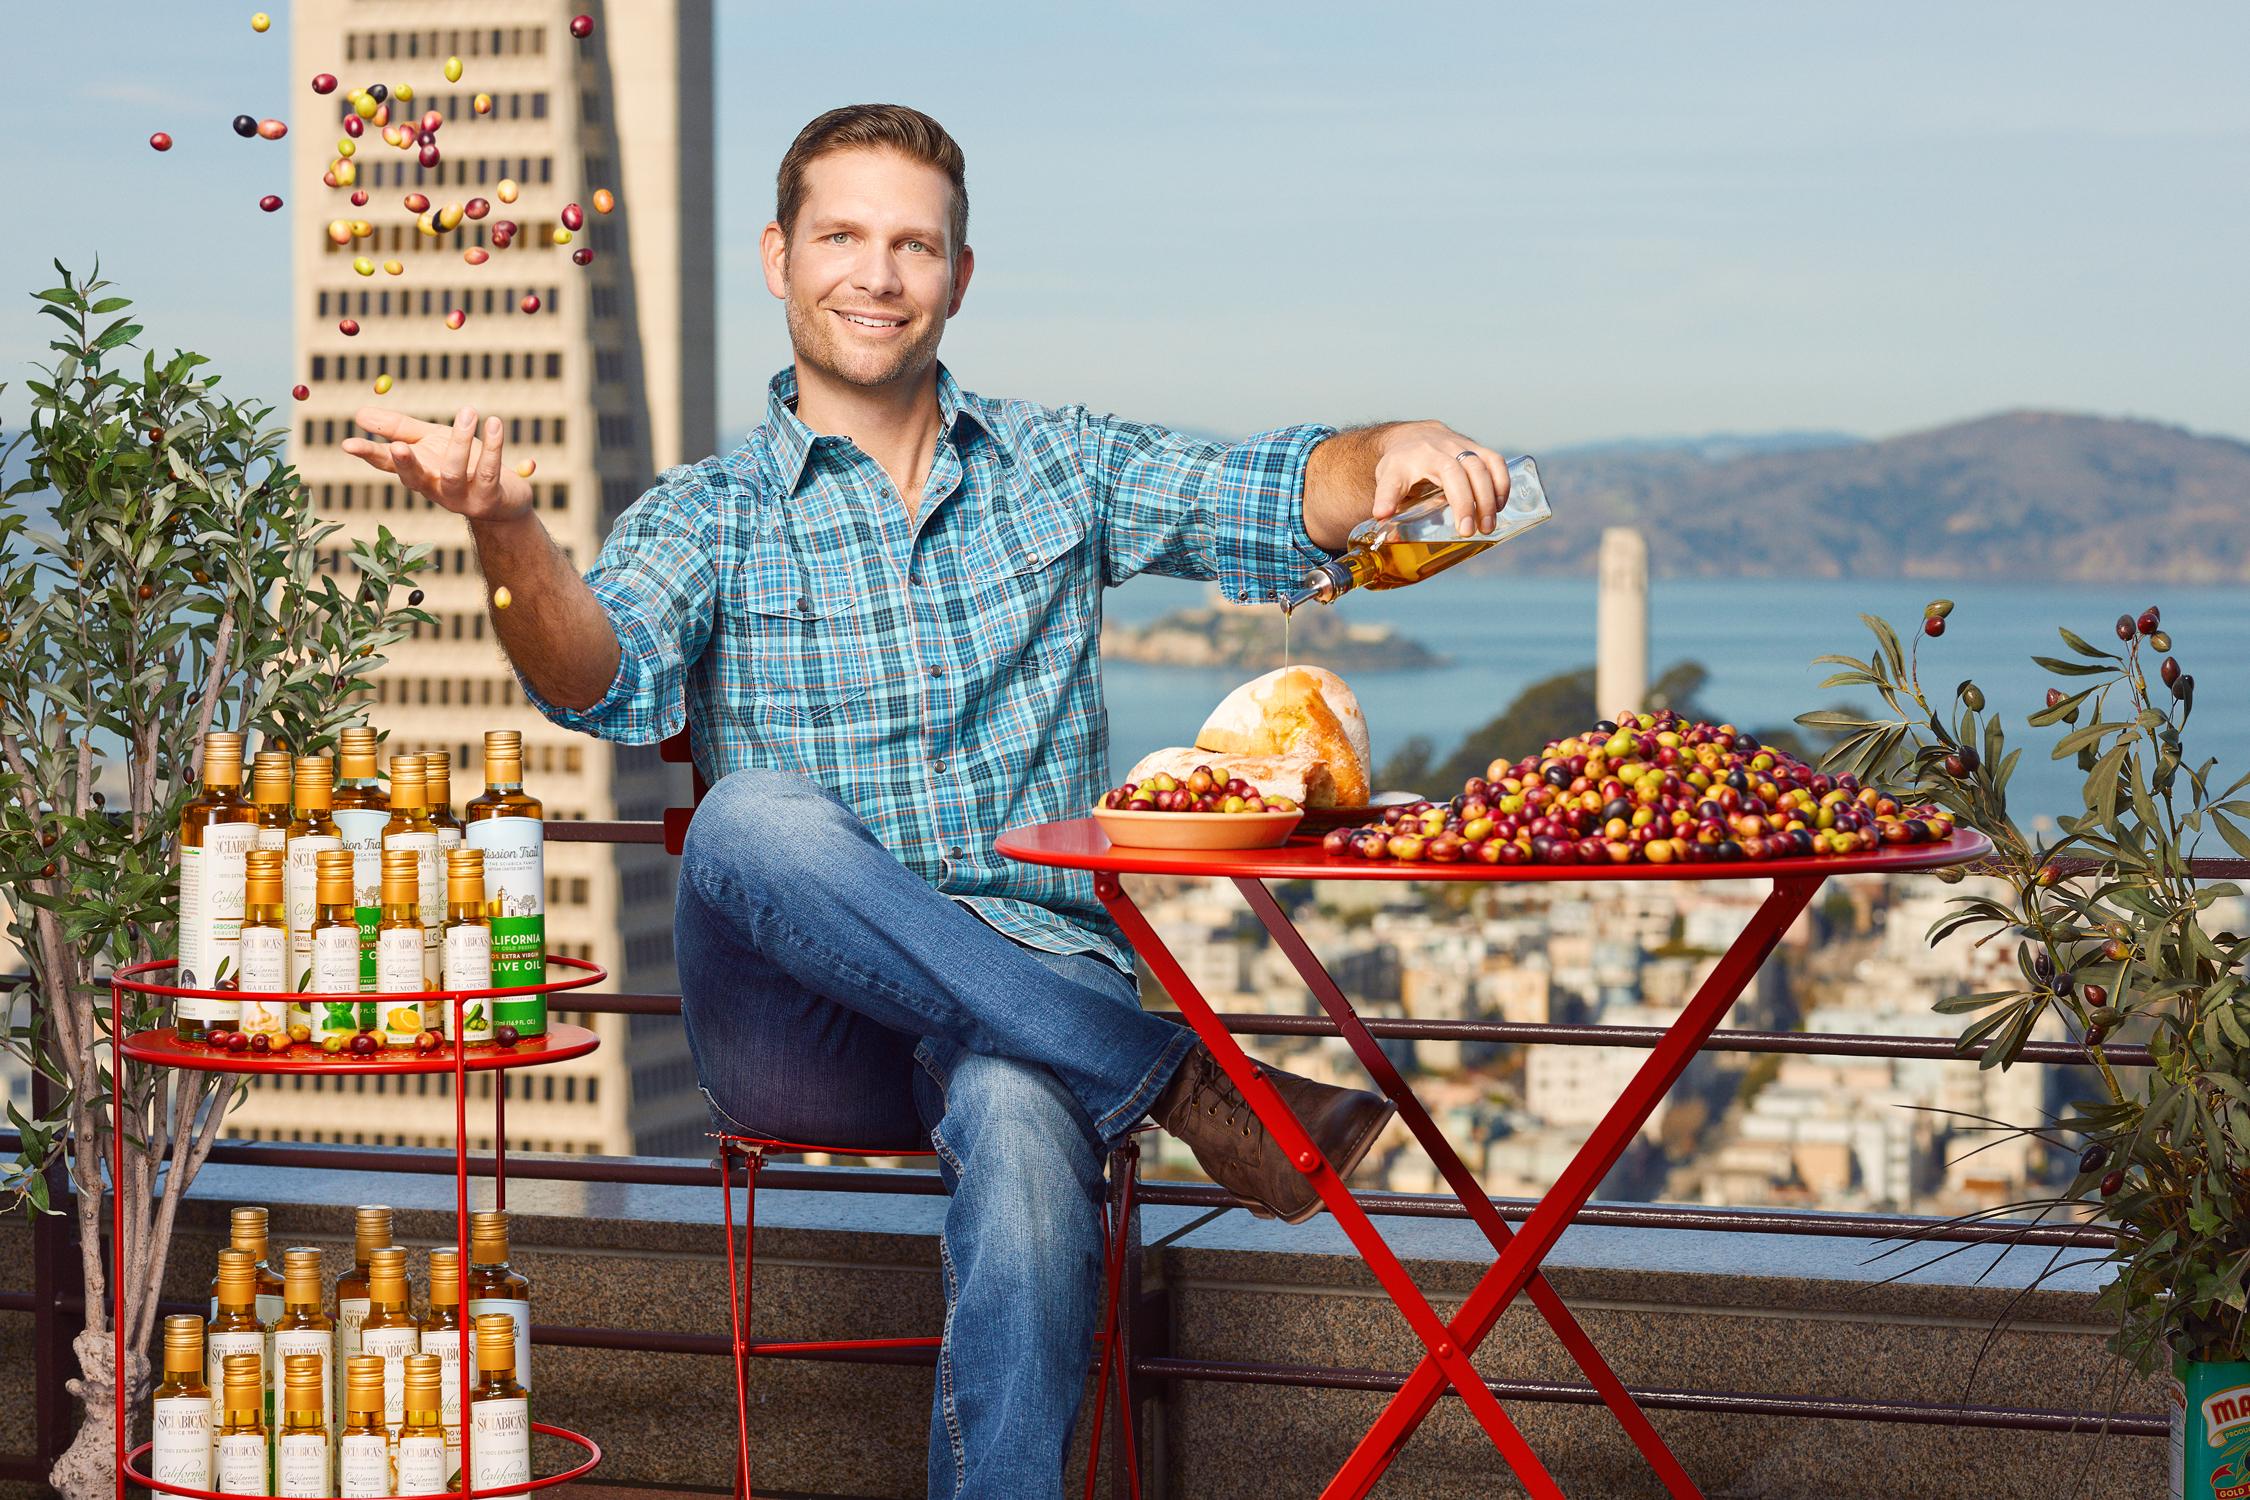 Loews San Francisco + Sciabica's Olive Oil